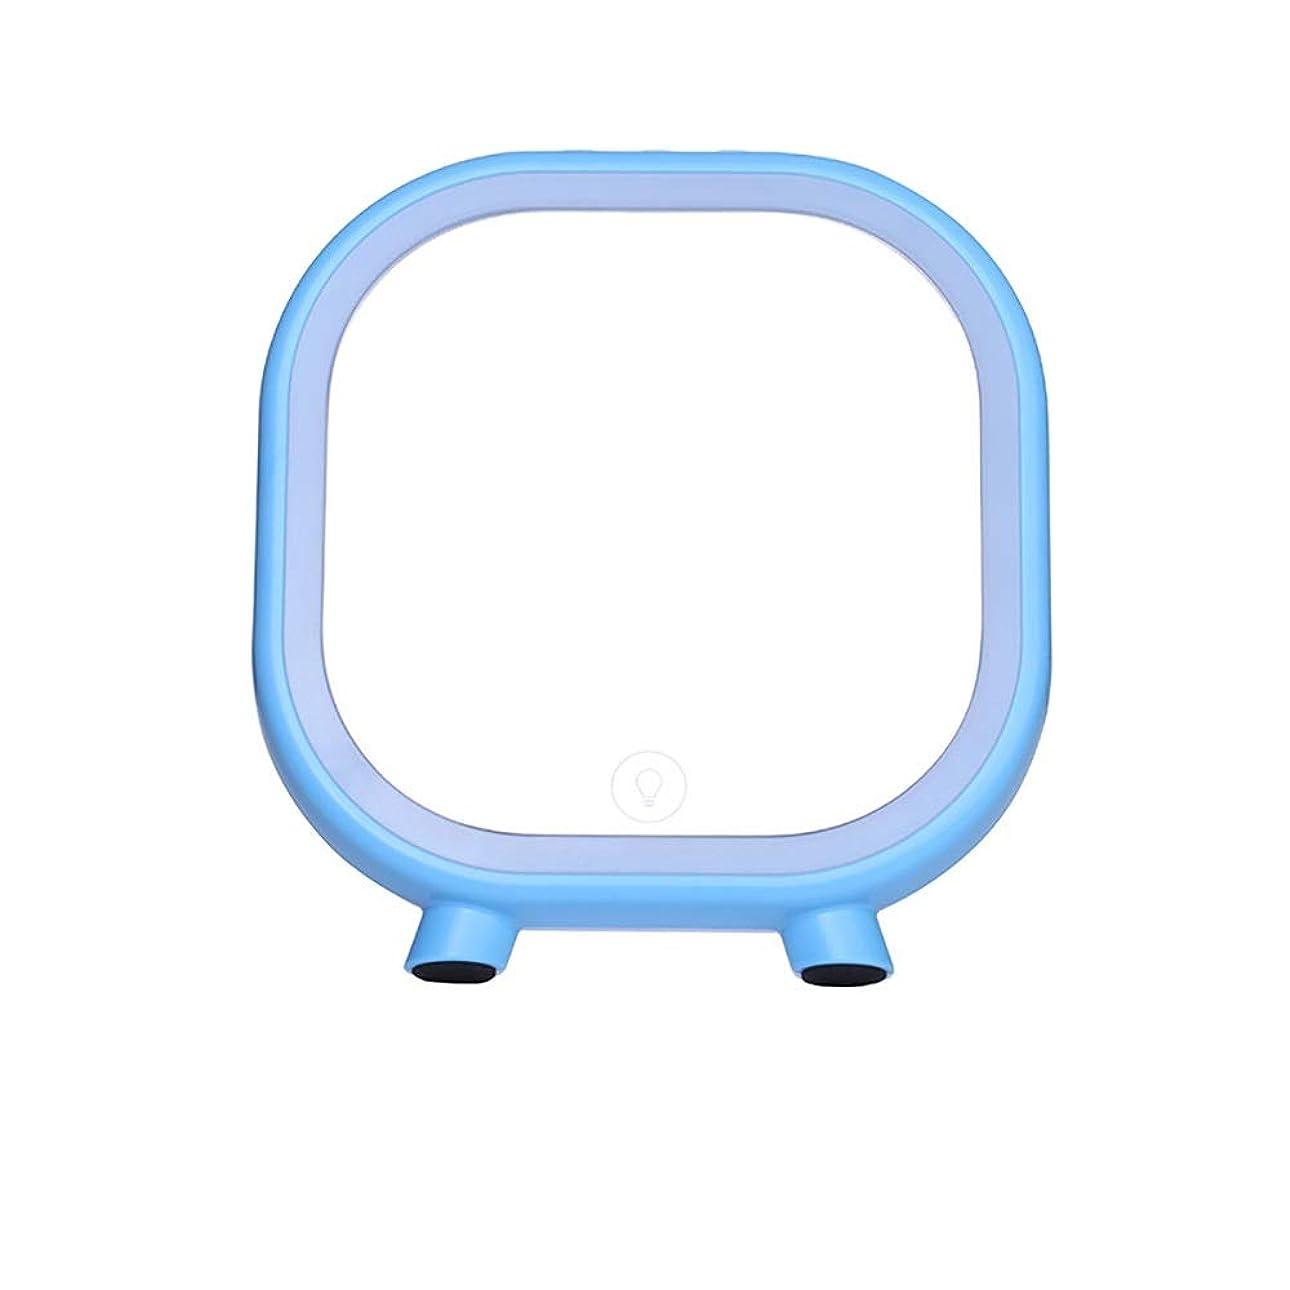 流行の 創造的なLEDの薄いピンク/青い正方形のブルートゥースのスピーカーの化粧台/化粧鏡 (色 : Blue)